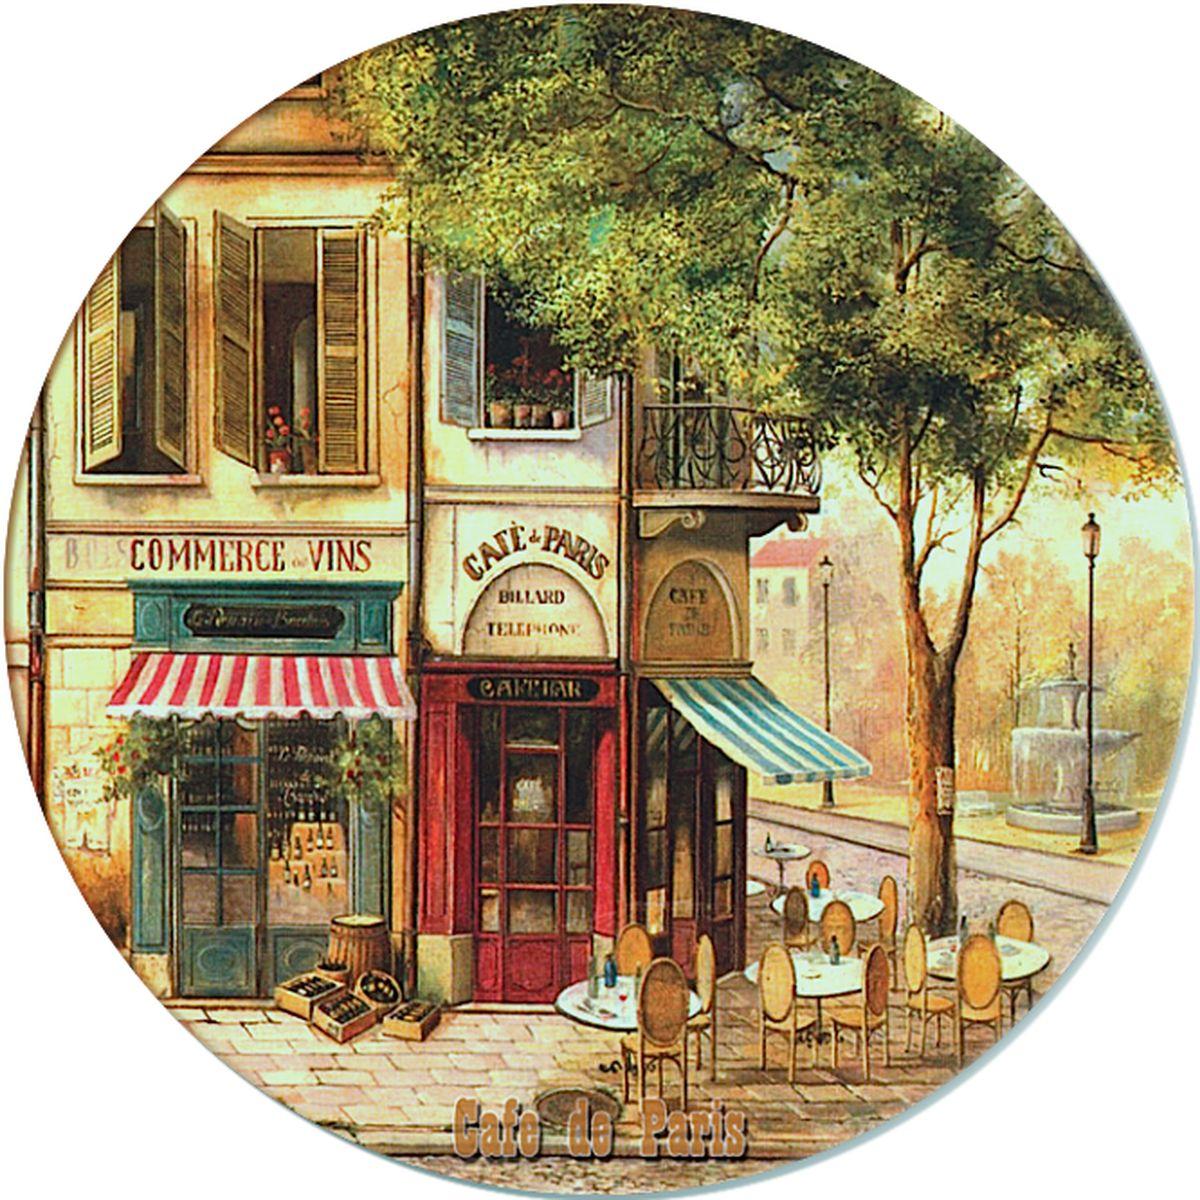 Доска разделочная GiftnHome Парижское кафе, стеклянная, диаметр 19 смRCB-01-CafeРазделочная доска GiftnHome Парижское кафе выполнена из жароустойчивого стекла. Изделие, украшенное красочным изображением, идеально впишется в интерьер современной кухни. Специальное покрытие вкладыша обеспечивает стойкость к влаге и высоким температурам. Изделие легко чистить от пятен и жира. Также доску можно применять как подставку под горячее.Разделочная доска GiftnHome Парижское кафе украсит ваш стол и сбережет его от воздействия высоких температур ваших кулинарных шедевров. Можно мыть в посудомоечной машине.Диаметр доски: 19 см. Толщина доски: 0,4 см.